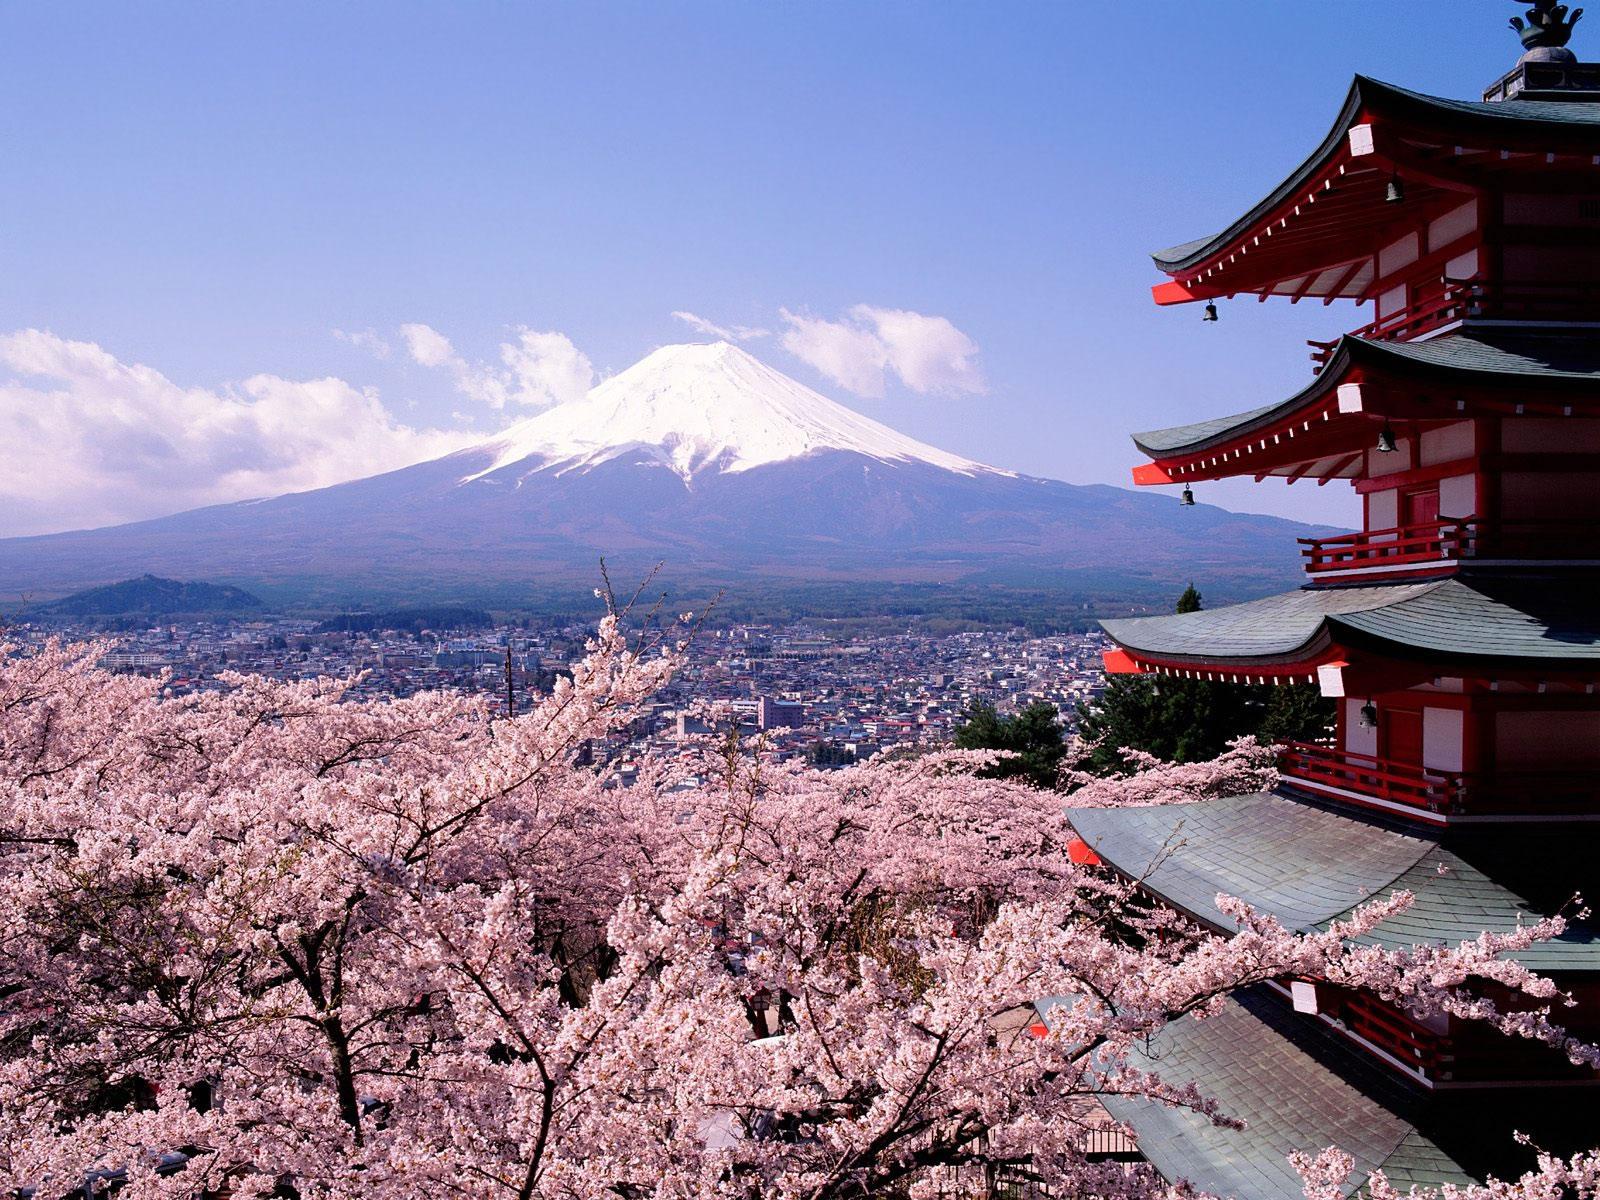 Oranges Et Clementines Toujours Cerisiers En Fleurs Au Japon